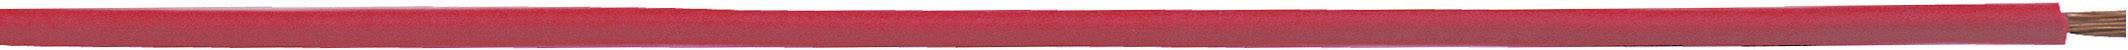 Opletenie / lanko LappKabel 4510921 H05V-K, 1 x 0.50 mm², vonkajší Ø 2.10 mm, 100 m, tmavomodrá, biela